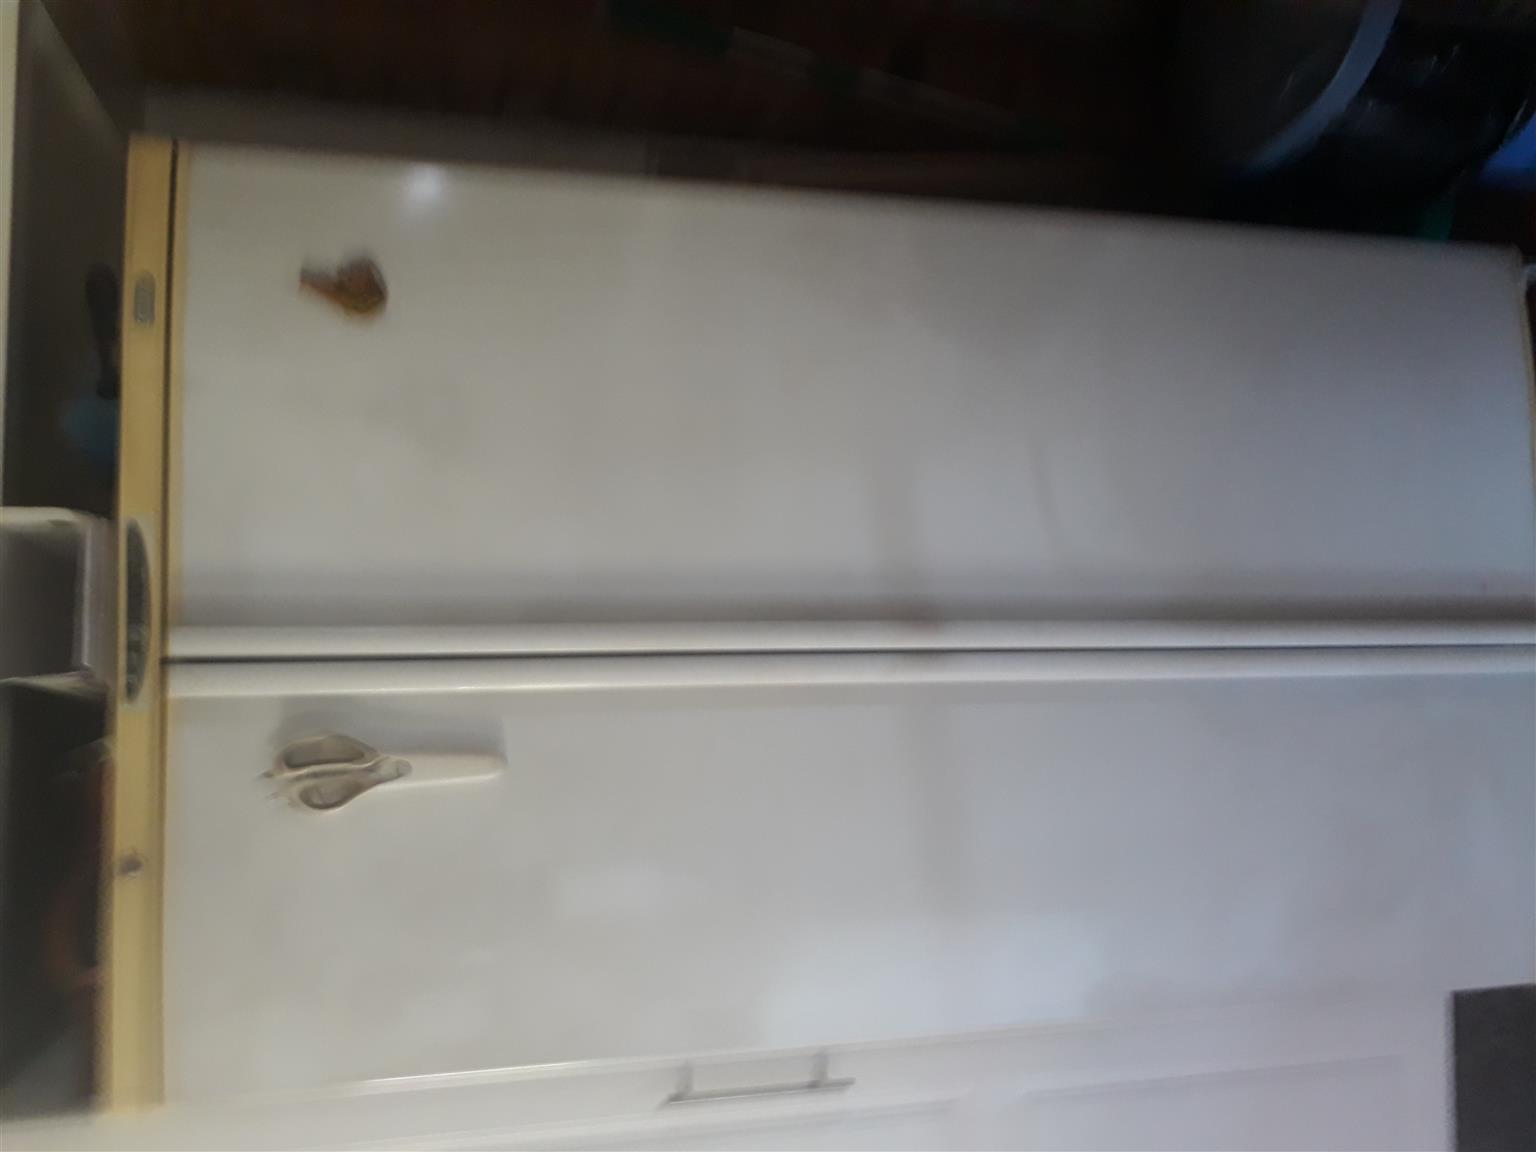 Defy. Side by side fridge/freezer